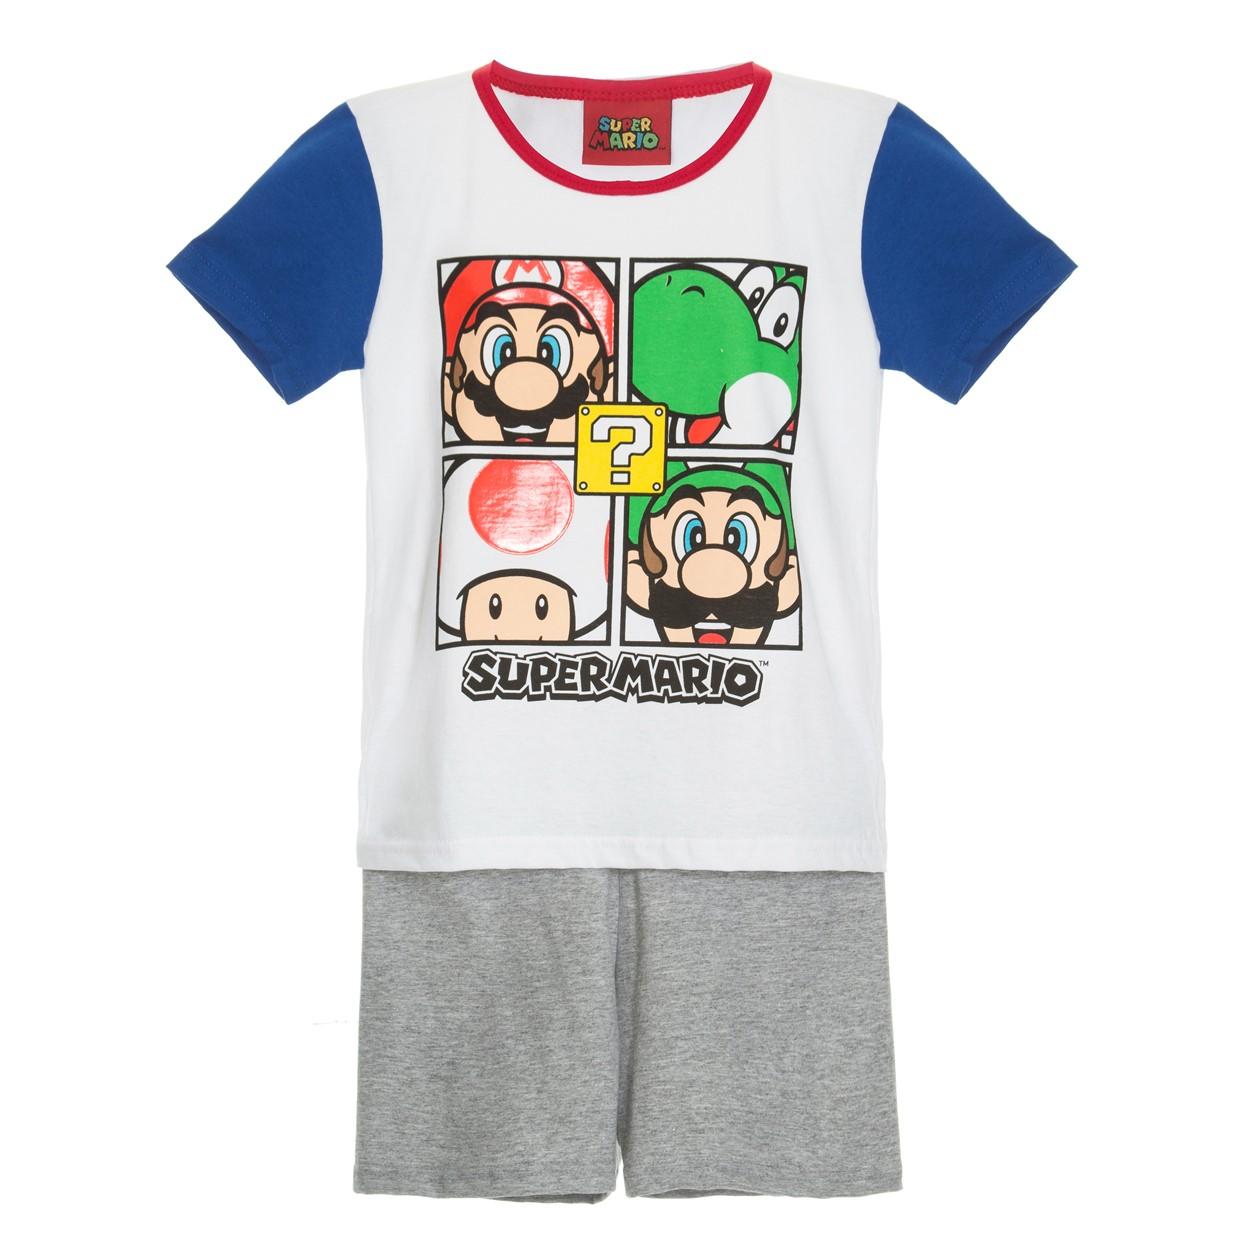 Na estica! Super Mario inspira coleção de roupas e acessórios da Riachuelo